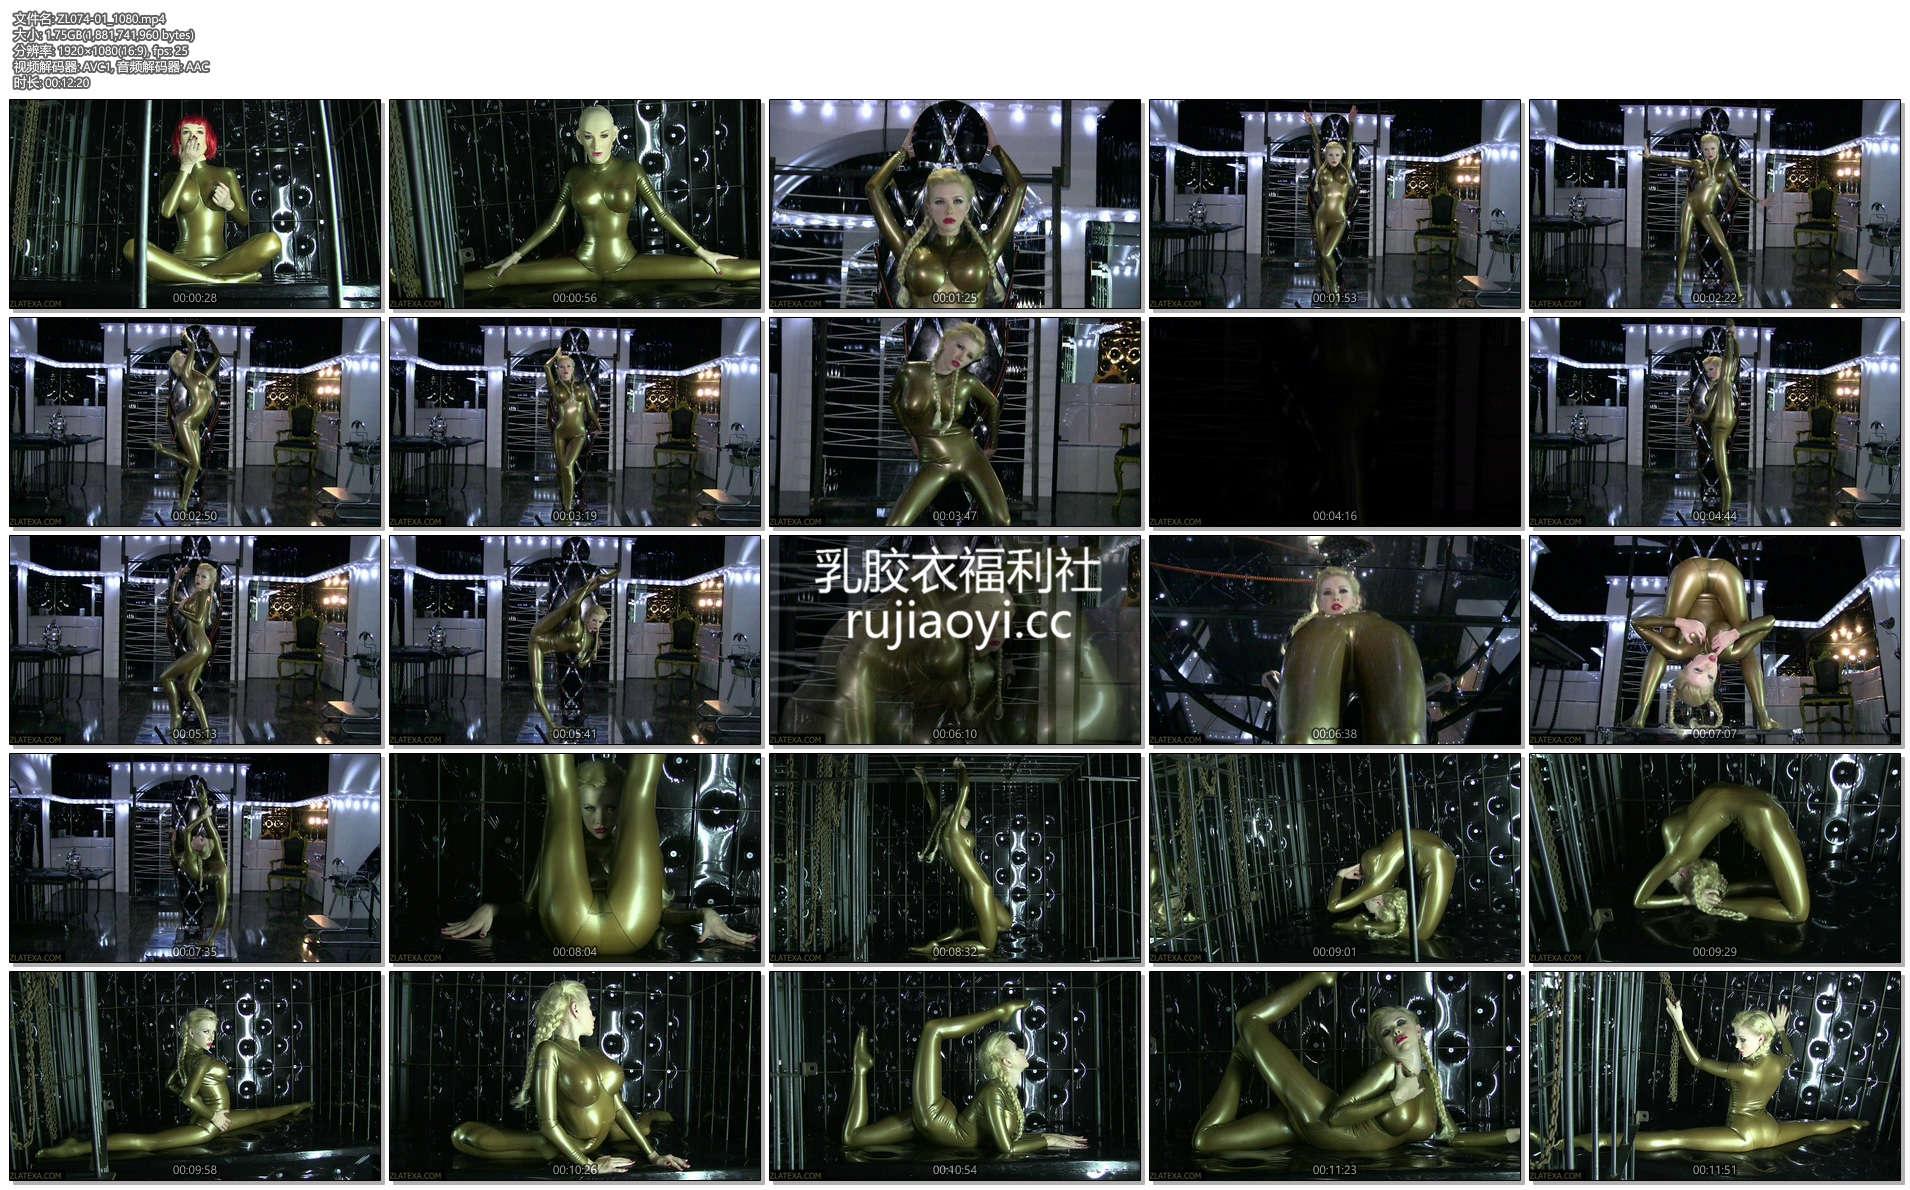 [永V专享-独家精品乳胶衣视频] 少妇紧身乳胶衣高难度瑜伽动作-1080P高清视频 [1V/1.75G]